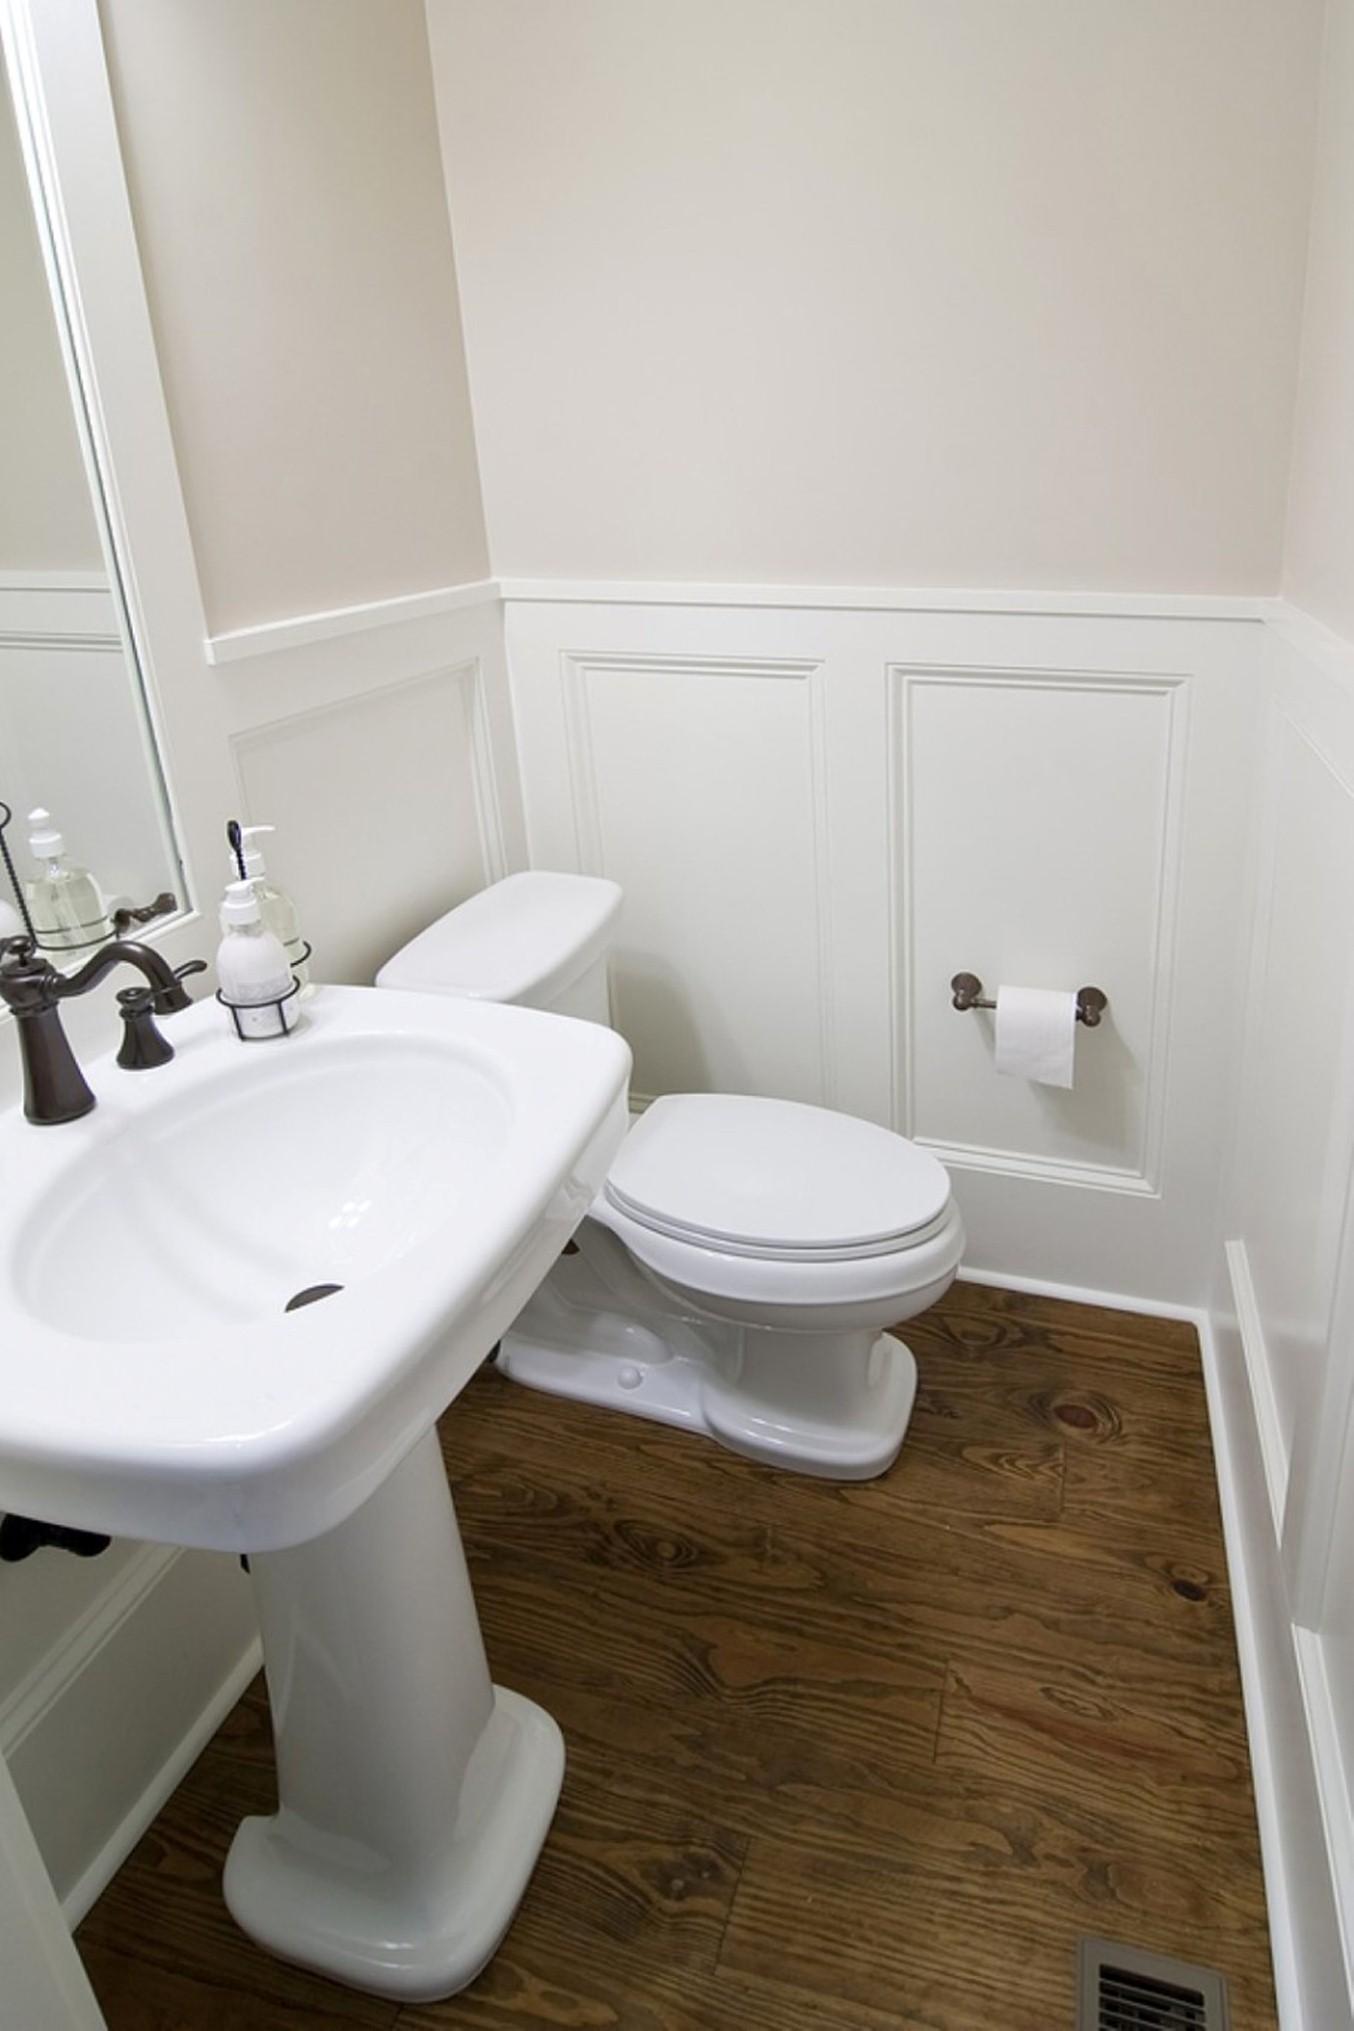 Ремонт туалета панелями МДФ